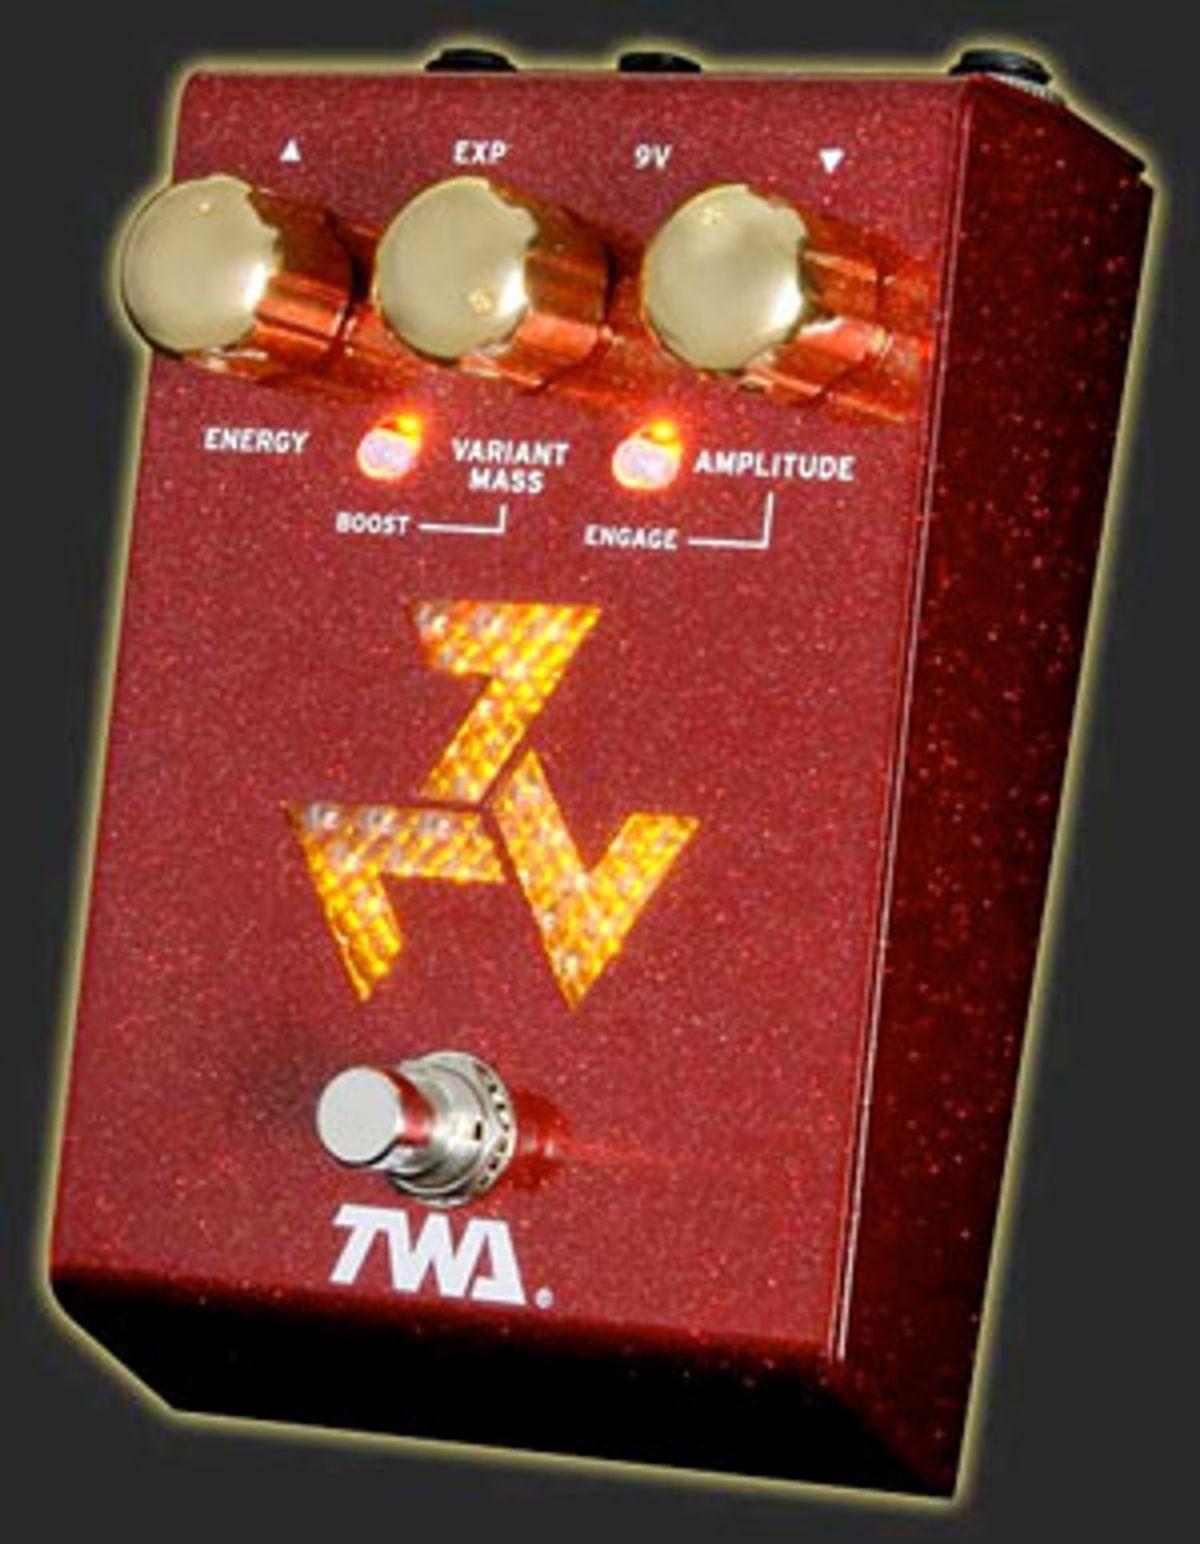 TWA Announces TK-01 Tirskelion Harmonic Energizer